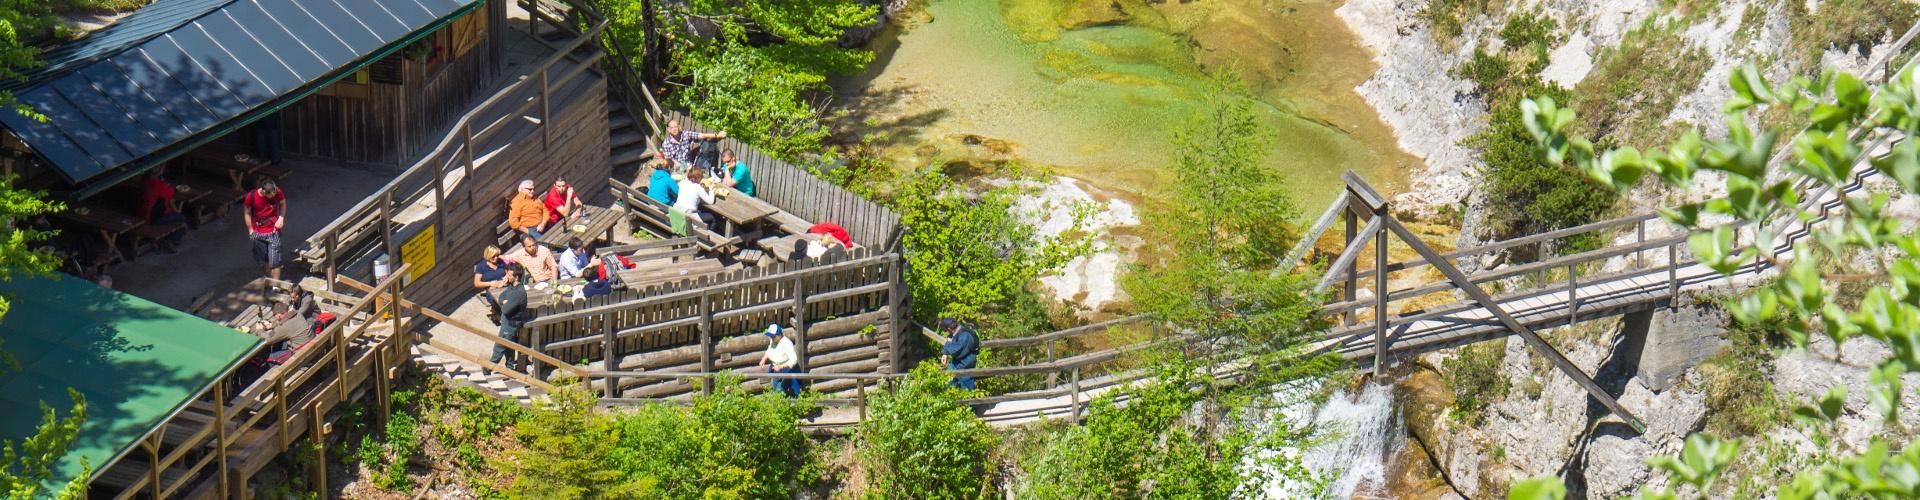 Ötscherhias - Ötschergraeben, © www.mariazell.blog